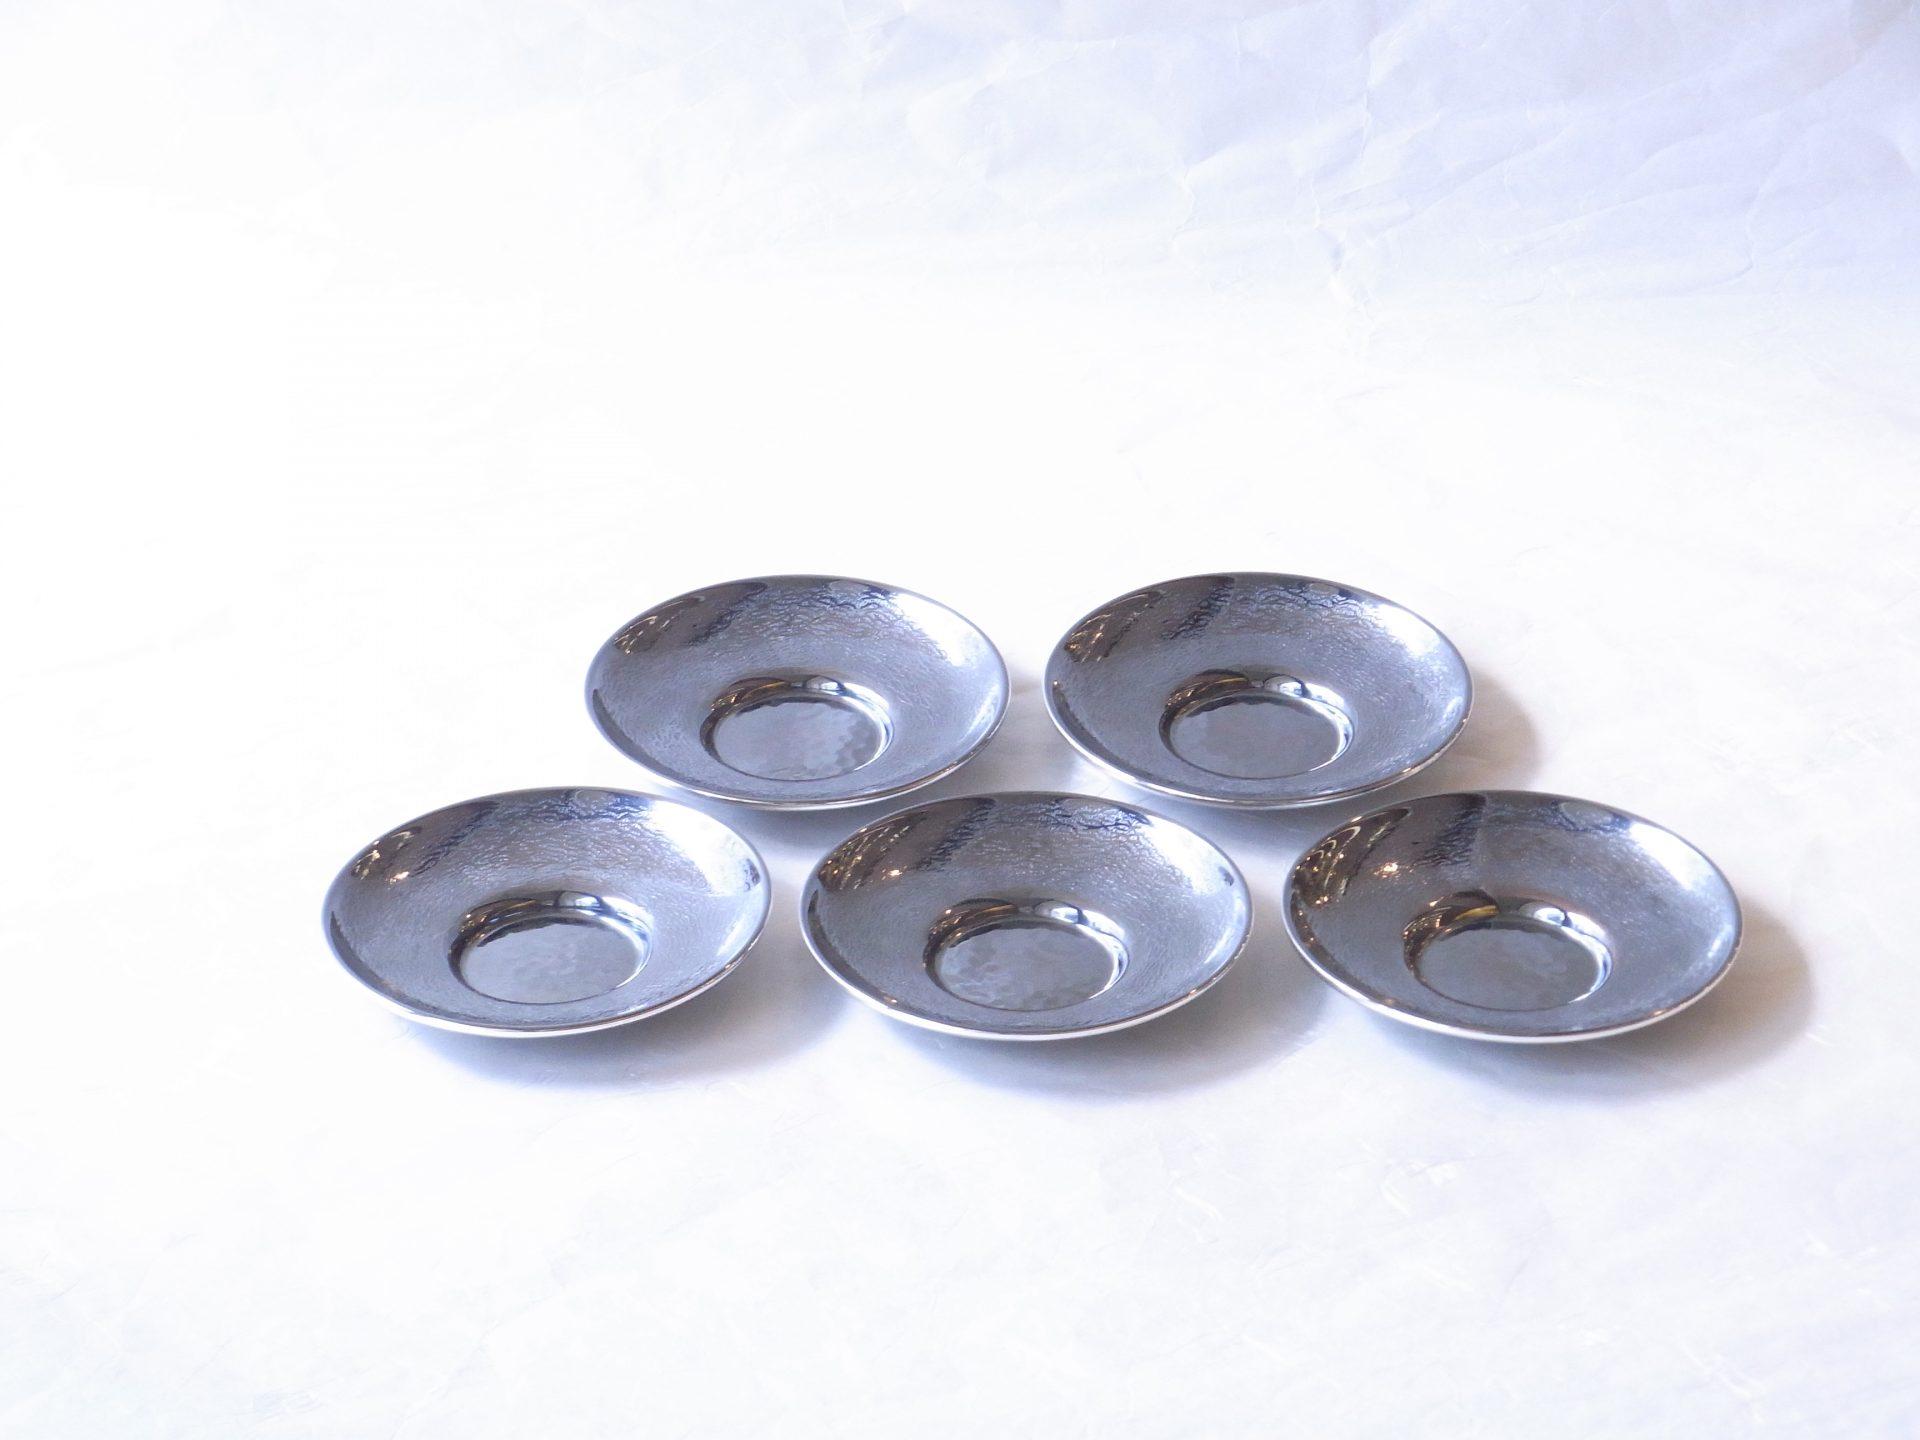 金属製品 高岡銅器 いぶし銀 仕上げ 茶托 5客揃 さざ波 鎚起銅器 鎚目模様 小さな波 細かく 不規則 熟練の職人 豊かな経験 細心の注意を払い 厳重な品質管理 高級品 表面硬化 変色しにくい 銀メッキ 銀特有 やわらかさ 工芸美術品 味わい深さ 乾拭き いい光沢が出てくる ガラスの湯呑 相性がいい 現代風 スタイリッシュな湯呑み マッチ 組み合わせ次第 お洒落 割れない 劣化も少ない 永く使える 日本製 陶器 磁器 陶磁器 漆器 茶道具 華道具 贈り物 ギフト 記念品 引出物 法要 お返し 専門店 リアル店舗 茶の湯 茶道 裏千家 表千家 茶会 月釜 抹茶 高品質 安らぎ いやし よりおいしく 安心 機能的 長持ち 人気 おすすめ 高機能 ネット通販 ネットショップ セレクトショップ 欲しい 購入 買う 買い物 岐阜県 岐阜市 美殿町 小林漆陶 特別な 選び抜かれた 品質重視 使いやすい 格安 老舗 誕生日 結婚 出産 入学 退職 母の日 父の日 敬老の日 クリスマス プレゼント 叙勲 長寿 新築 お祝い 御礼 内祝い 外国土産 海外みやげ 実店舗 創業100年以上 使うと分かる 職人技 日本一の品揃え 日本一の在庫数 専門店 専門知識 数万点の在庫 百貨店(高島屋 三越 伊勢丹 松坂屋 大丸)にない 手作り お洒落 高級品 希少価値 上質な器 伝統工芸品 コスパ お値打ち お買い得 堅牢 飽きない 永く使える お気に入り 国産 料理が映える 満足感 豊かな食生活 豊かな食文化 こだわりの器 日本文化 他にない ここにしかない オリジナル 独自の 個性的 ここでしか買えない 超レアもの 一品もの 現品限り 入手困難 いい器 匠の技 美しい 実用的 外人が喜ぶ店 外人が珍しがる店 外人がうれしい店 日本各地の一級品を売る店 日本全国の器を売る店 本当にいいもの コスパ高い 一流品 修理 選りすぐりの逸品 周年記念 永年勤続表彰 退職記念 卒業記念 日本土産 岐阜土産 岐阜のおみやげ 岐阜の特産品 料理を引き立てる器 高級店 一流店 岐阜で一番 東海で一番 中部で一番 日本で一番 おしゃれな店 地域一番店 実店舗 陶磁器 磁器 華道具 ガラス器 明治42年創業 有田焼 清水焼 美濃焼 赤津焼 万古焼 常滑焼 九谷焼 唐津焼 萩焼 信楽焼 万古焼 砥部焼 備前焼 丹波焼 山中塗 春慶塗 讃岐塗 越前塗 輪島塗 紀州塗 会津塗 小田原木工 桜皮細工 秋田杉 駿河竹細工 七宝焼 南部鉄器 錫製品 江戸切子 津軽びいどろ